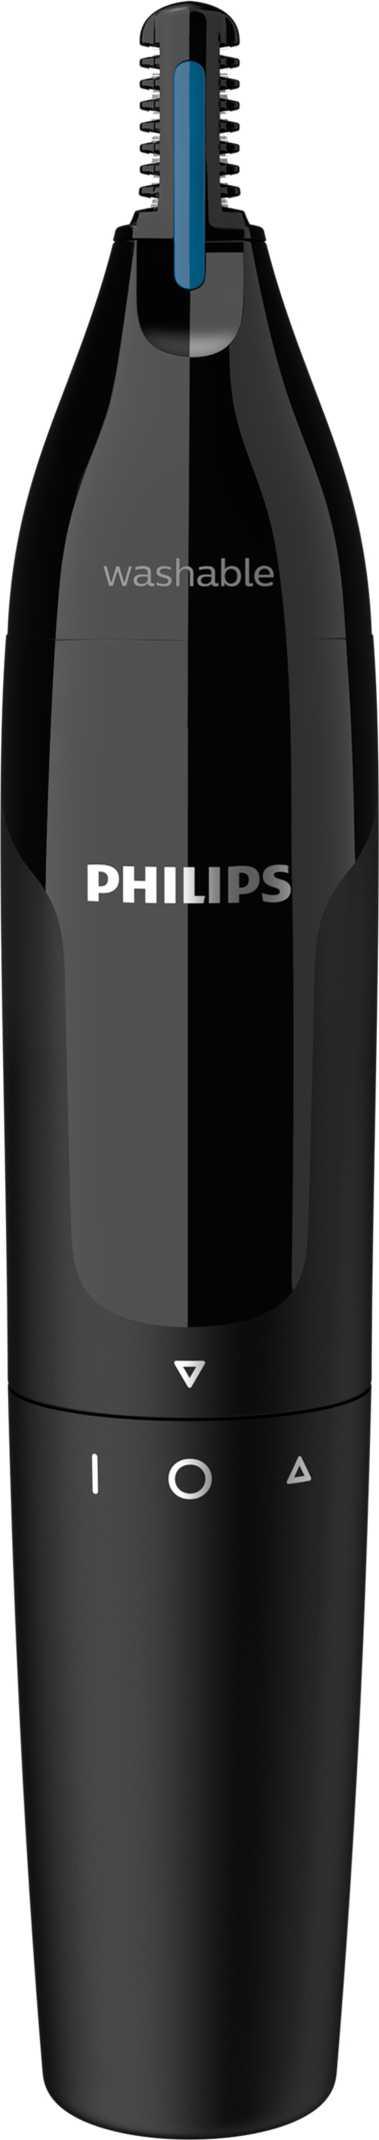 Характеристики товара триммер PHILIPS NT1650/16 черный (1416096) – интернет-магазин СИТИЛИНК – Краснодар